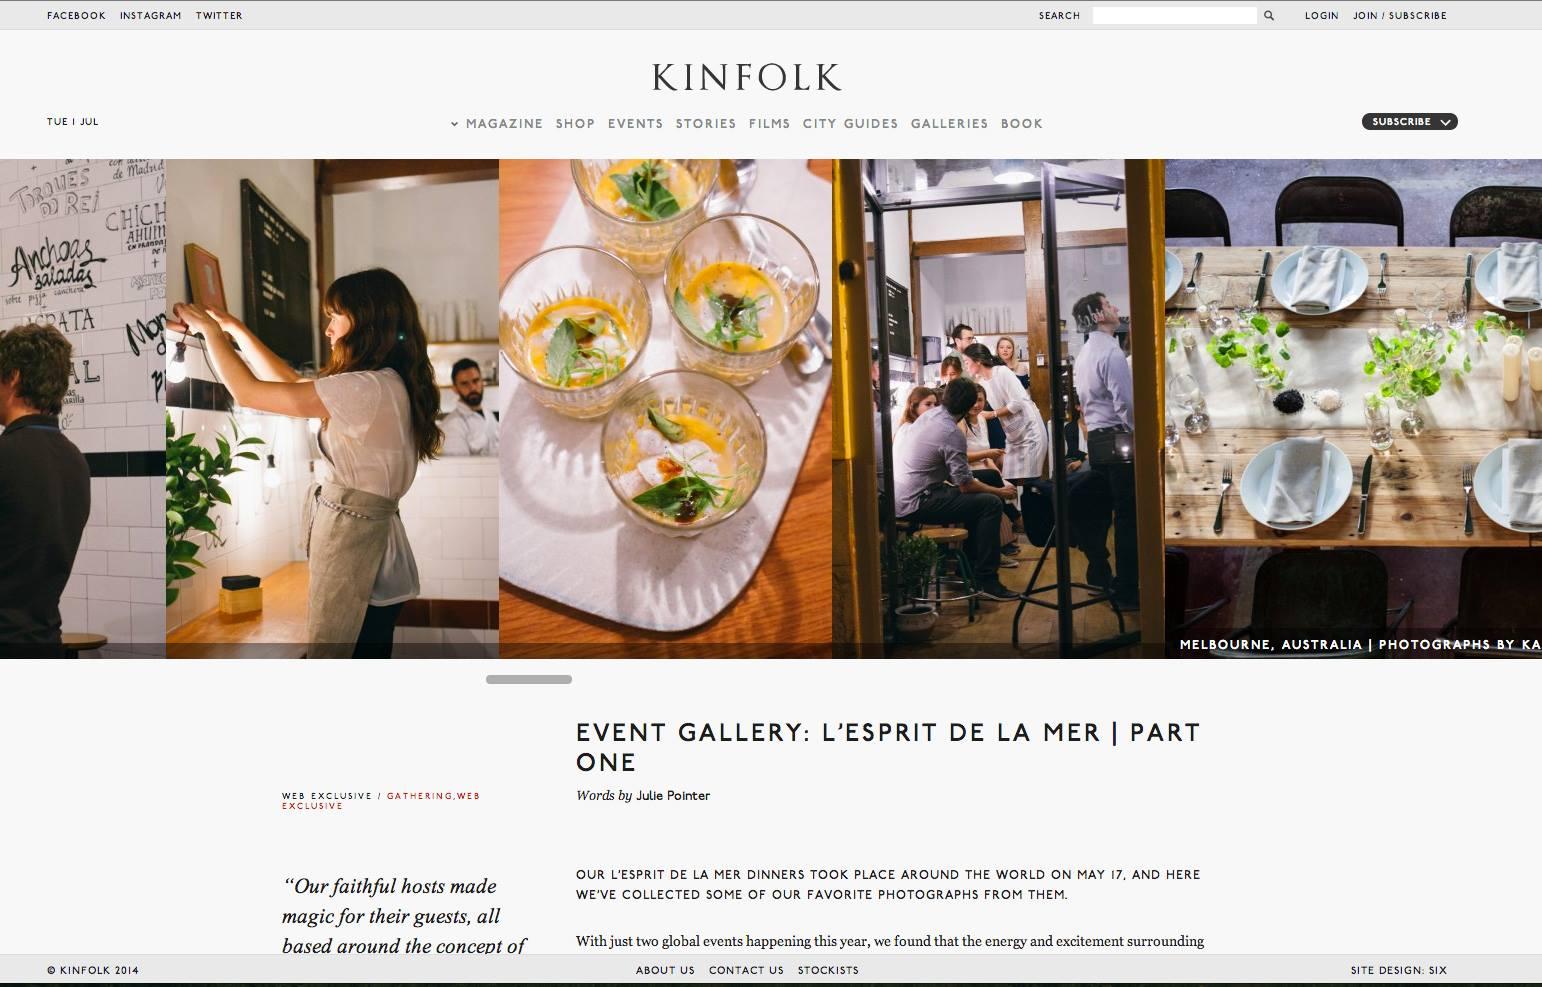 Kinfolk Madrid event 2014